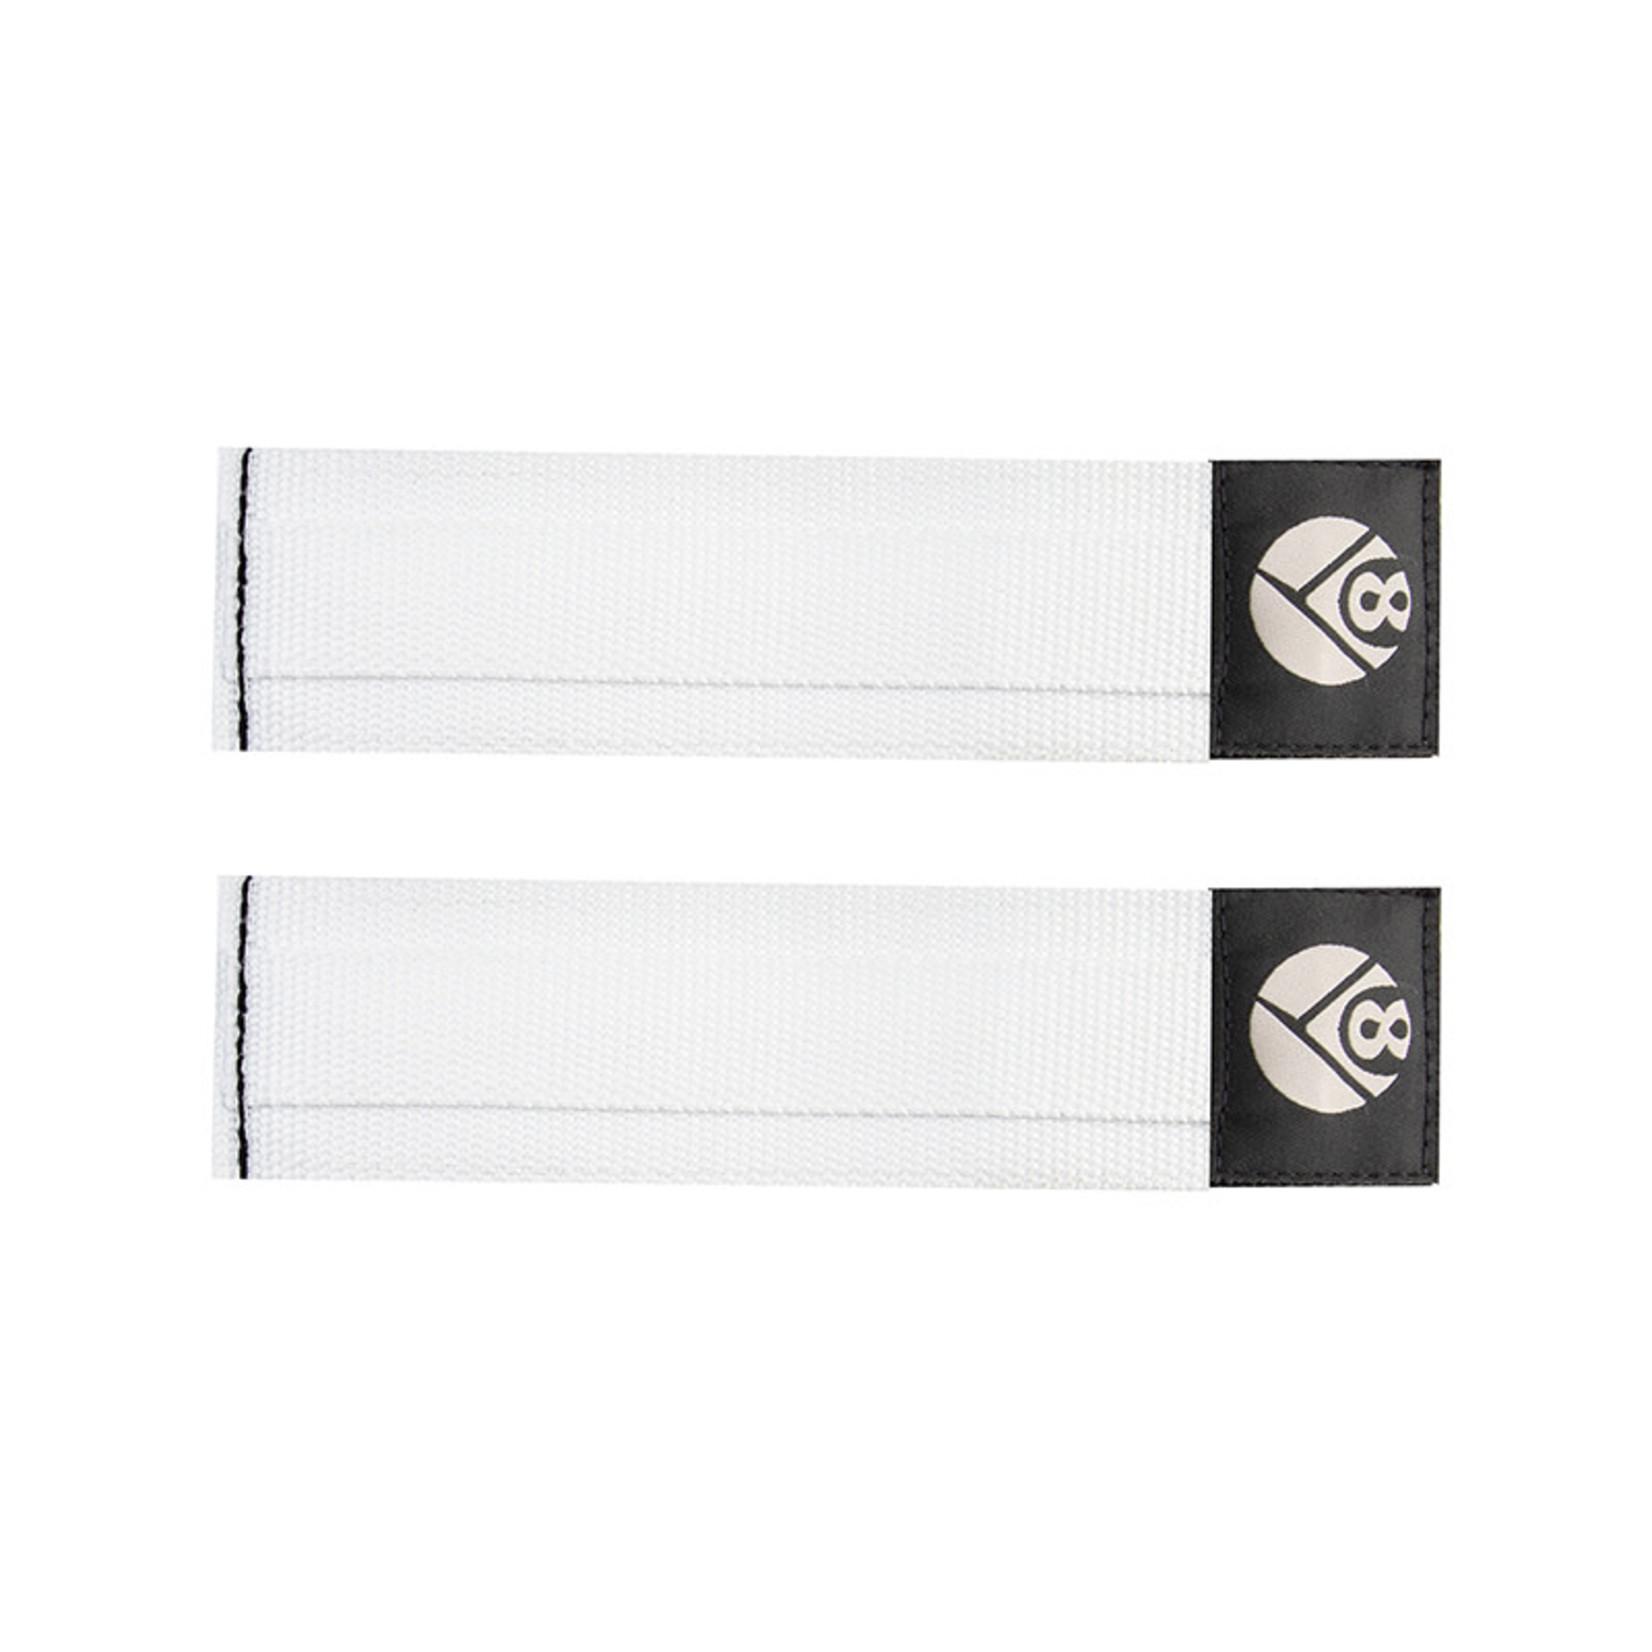 Origin8 Toe Straps Pro Grip II White